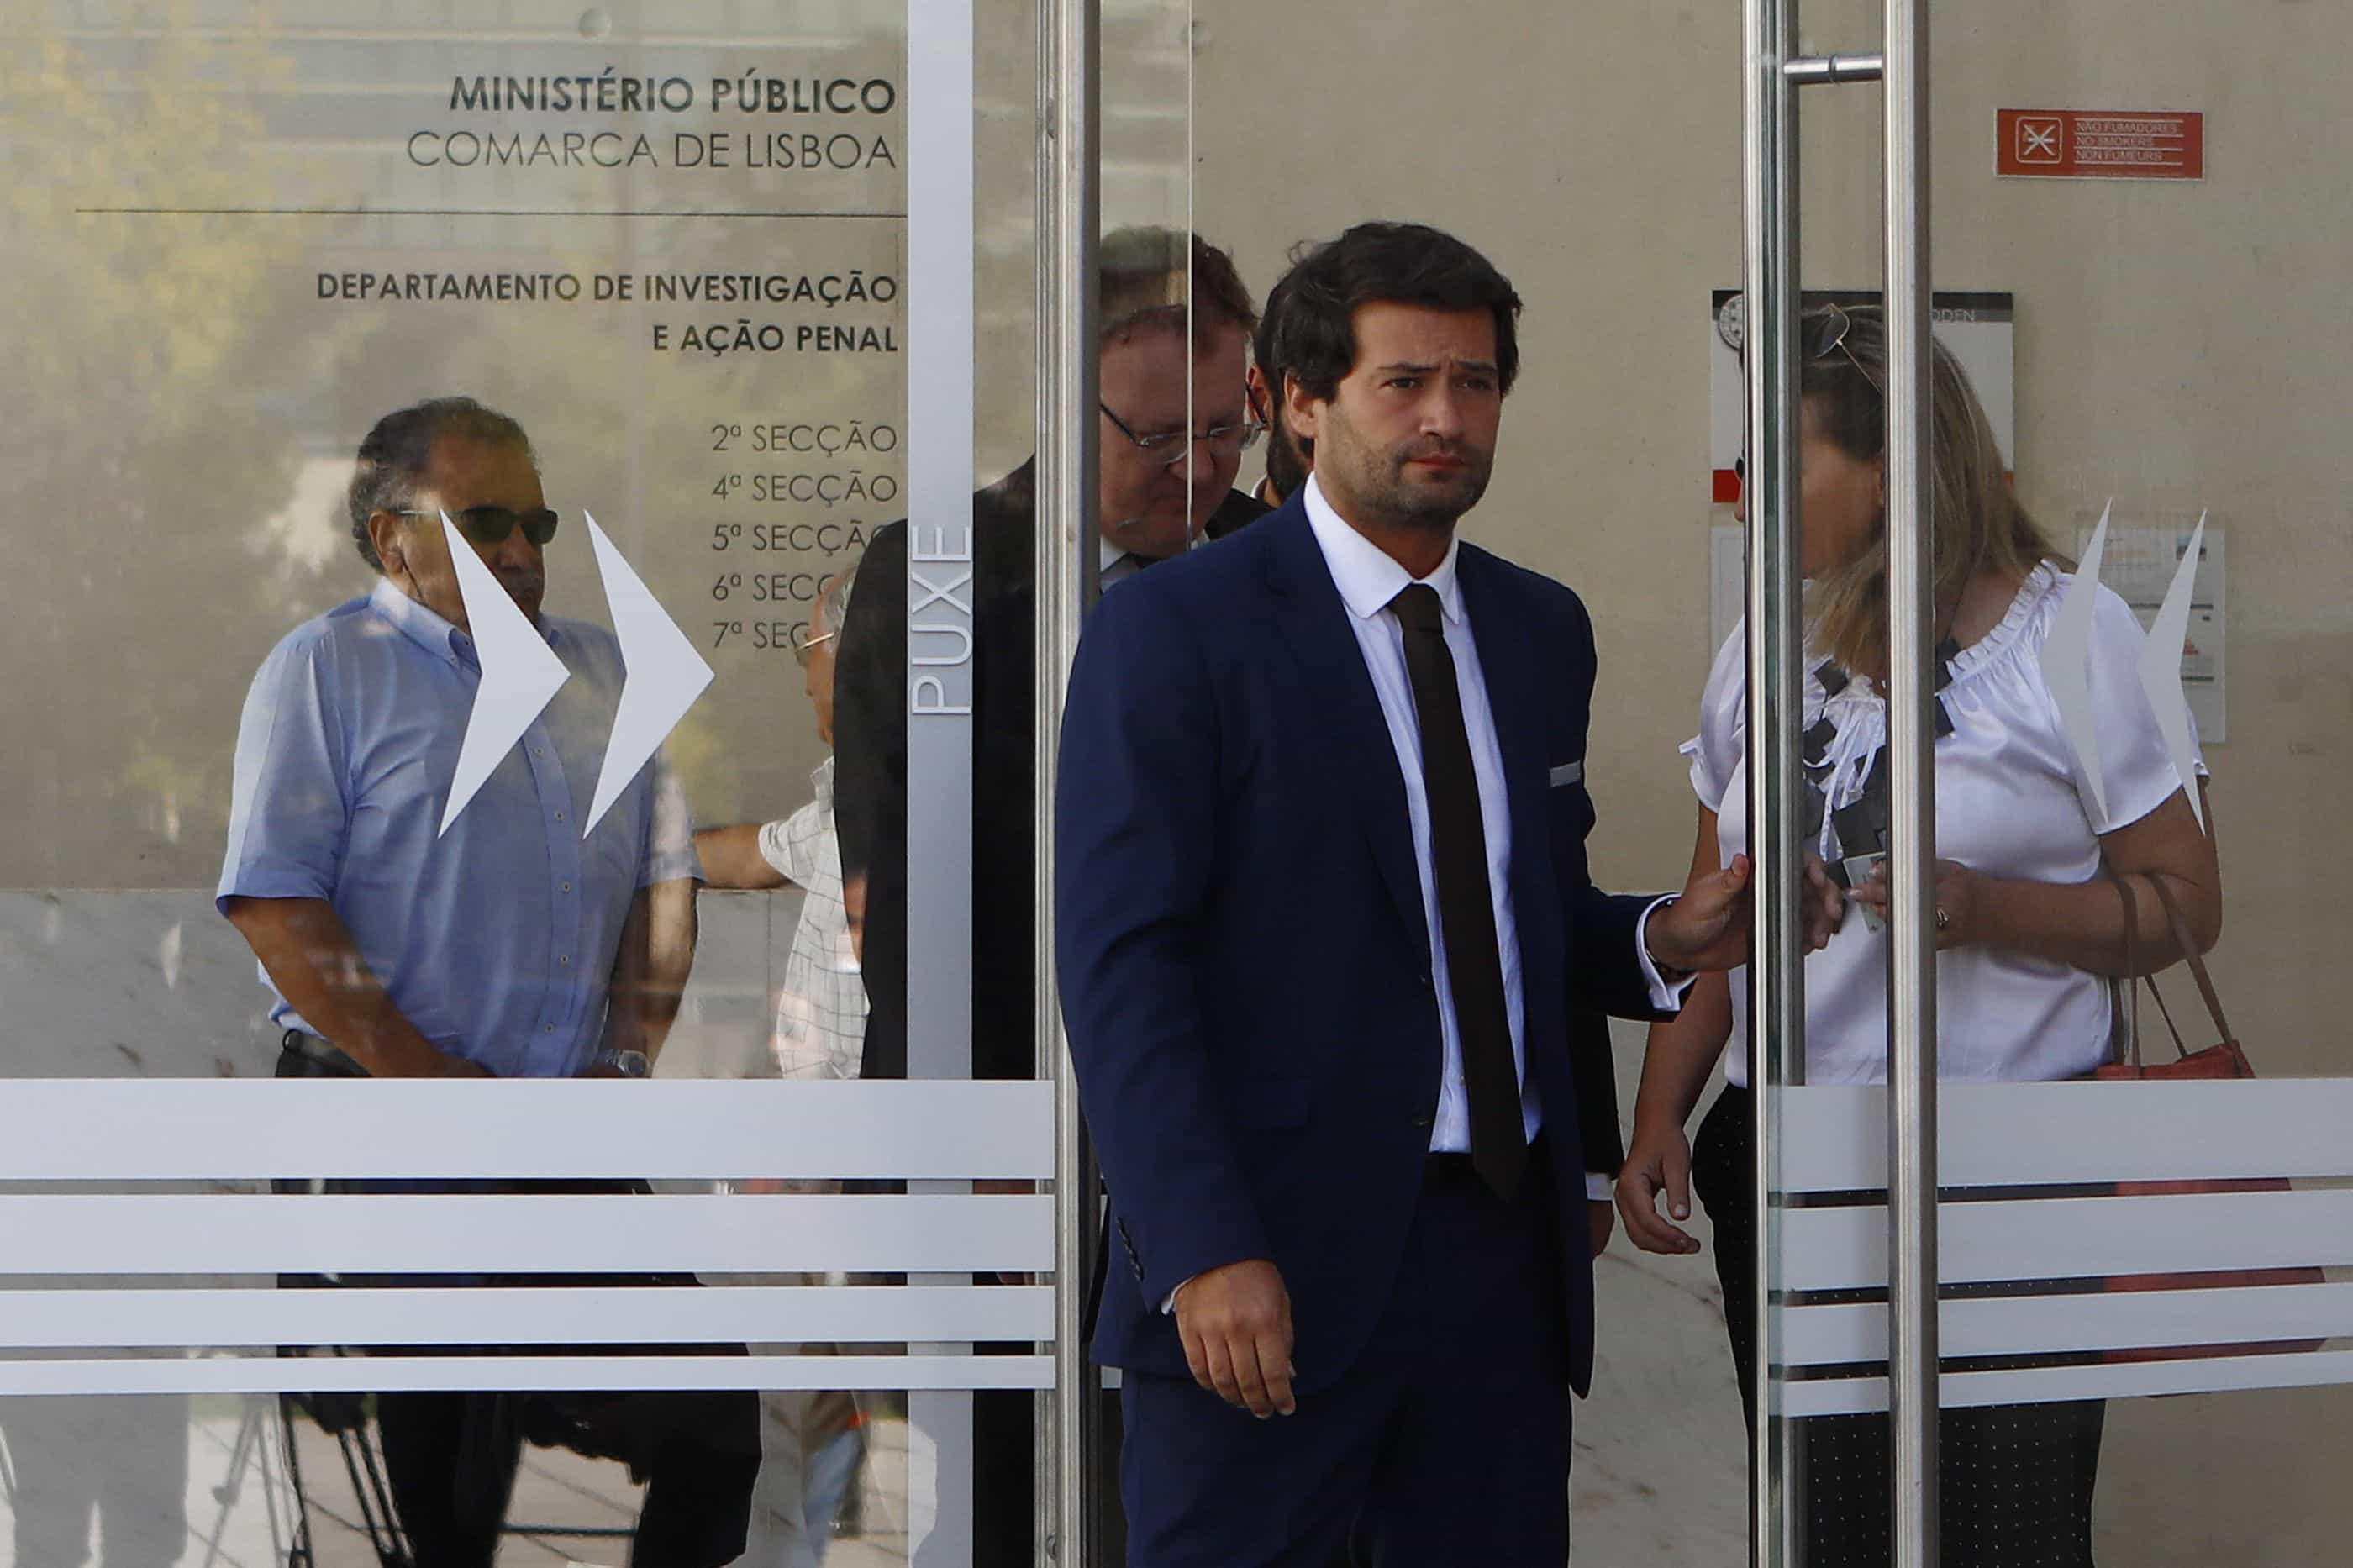 PPM chumba integração de André Ventura nas listas às europeias